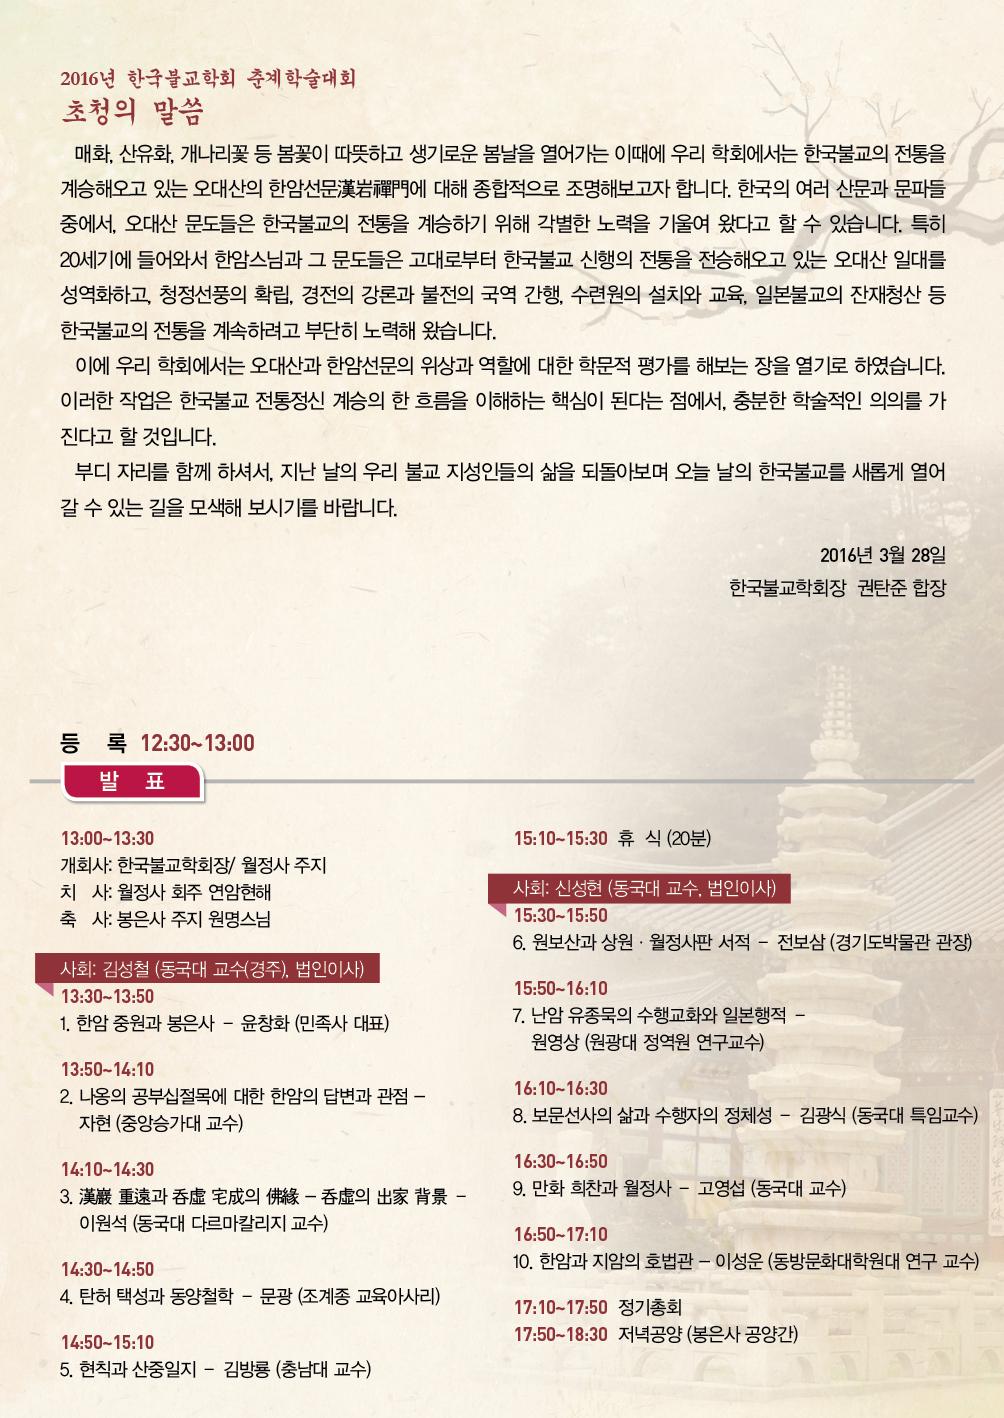 20160404-한국불교학회 초대장-웹용2.jpg